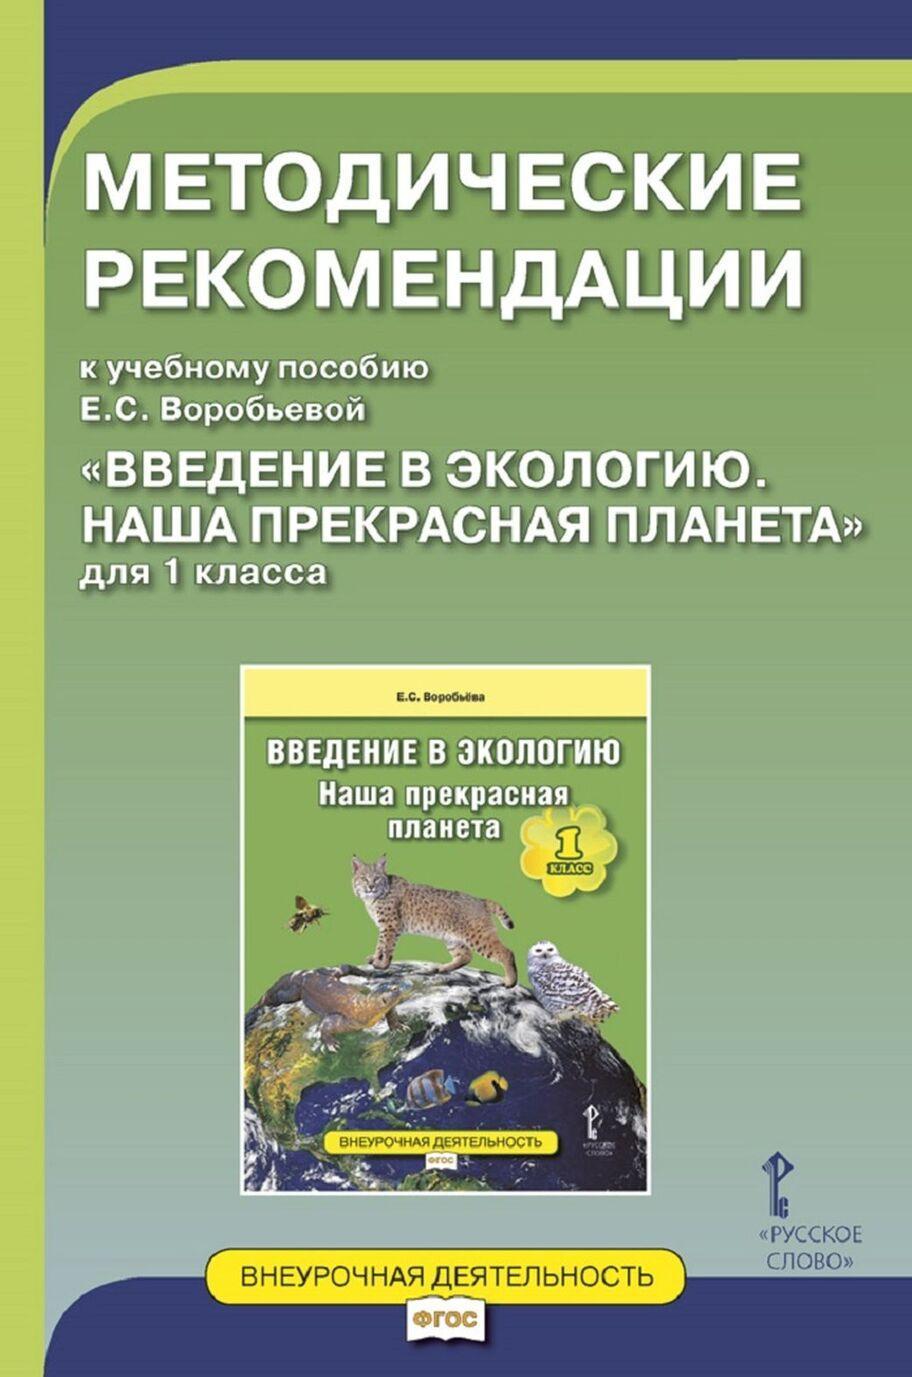 Metodicheskie rekomendatsii k uchebnomu posobiju E. S. Vorobevoj